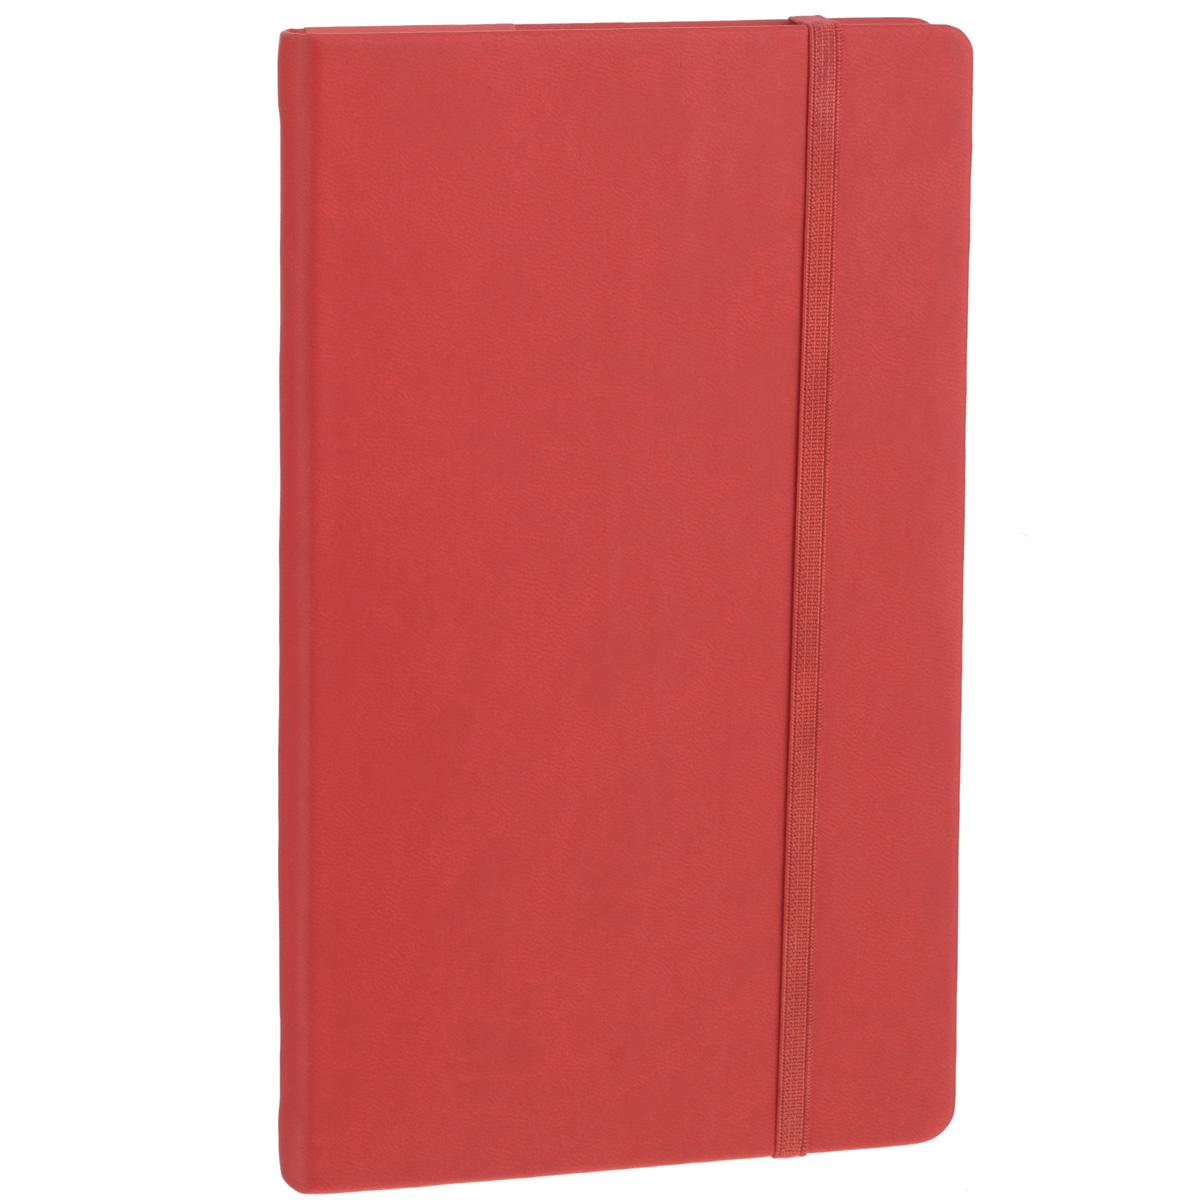 Записная книжка Erich Krause Festival, цвет: красный, 96 листов36758Записная книжка Erich Krause Festival - это дополнительный штрих к вашему имиджу. Демократичная в своем содержании, книжка может быть использована не только для личных пометок и записей, но и как недатированный ежедневник. Надежная твердая обложка из плотного приятного на ощупь картона сохранит ее в аккуратном состоянии на протяжении всего времени использования. Плотная в линейку бумага белого цвета, закладка-ляссе, практичные скругленные углы, эластичная петелька для ручки и внутренний бумажный карман на задней обложке - все это обеспечит вам истинное удовольствие от письма. В начале книжки имеется страничка для заполнения личных данных владельца, четыре страницы для заполнения адресов, телефонов и интернет-почты и четыре страницы для заполнения сайтов и ссылок. Благодаря небольшому формату книжку легко взять с собой. Записная книжка плотно закрывается при помощи фиксирующей резинки.